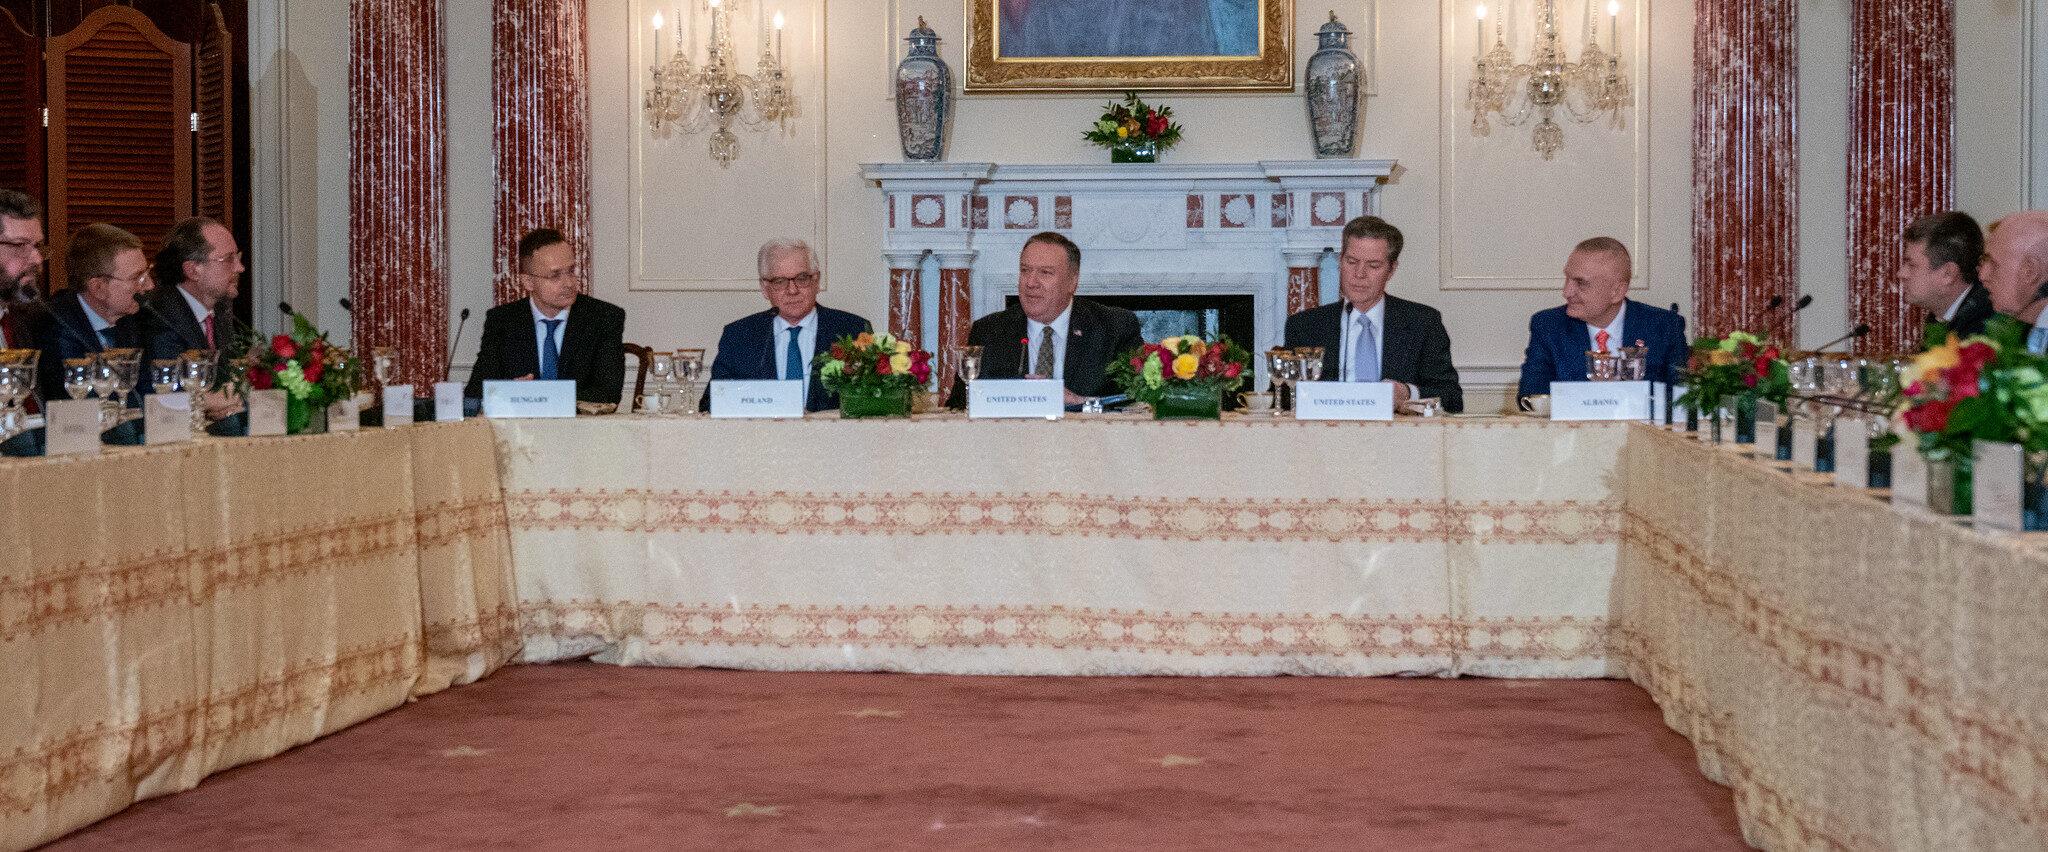 International Religious Freedom Alliance Dinner